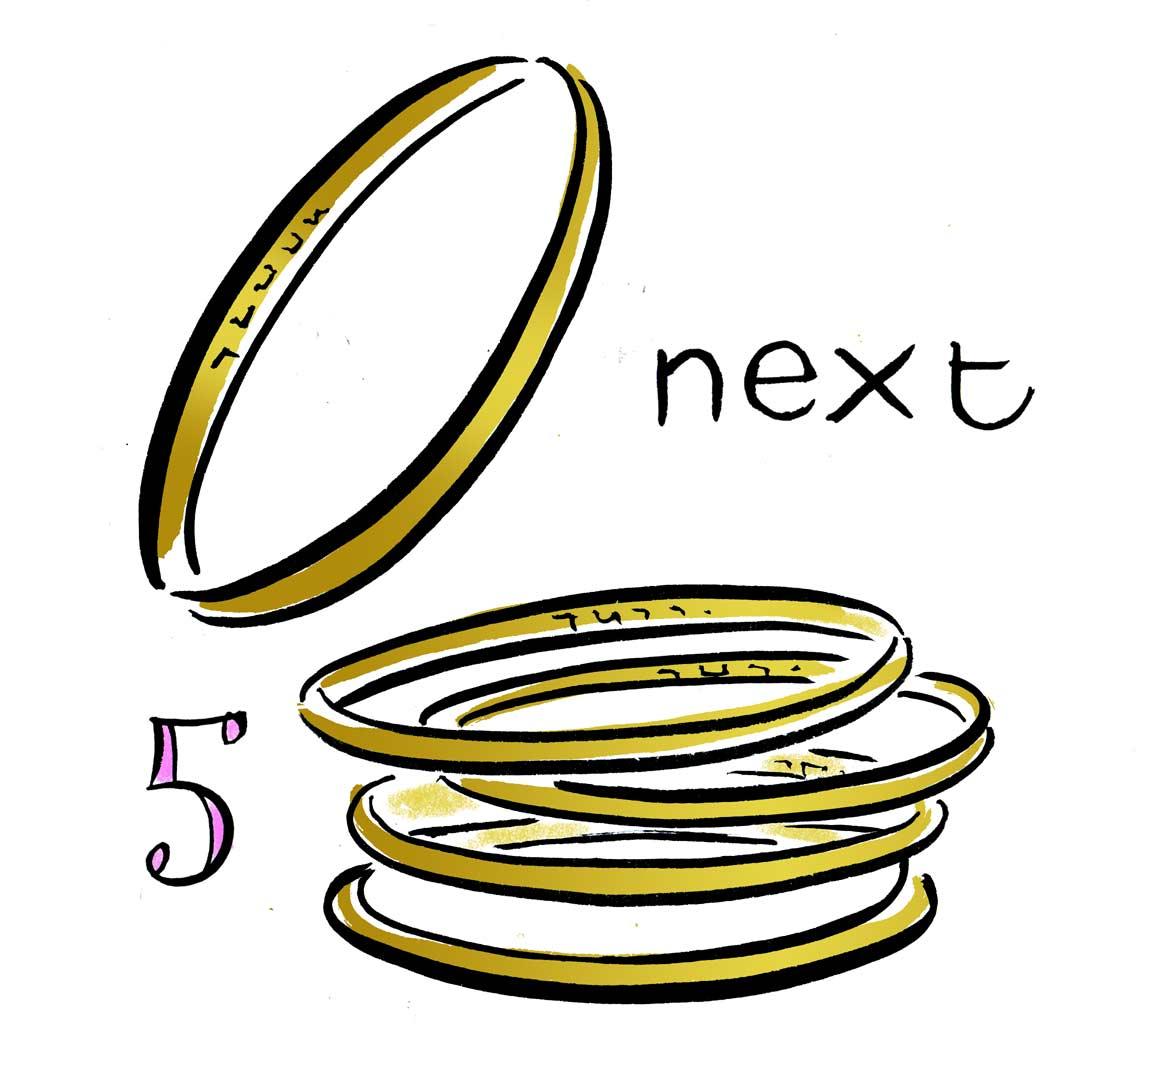 Five Golden Rings Clipart clipart  worldartsmecom